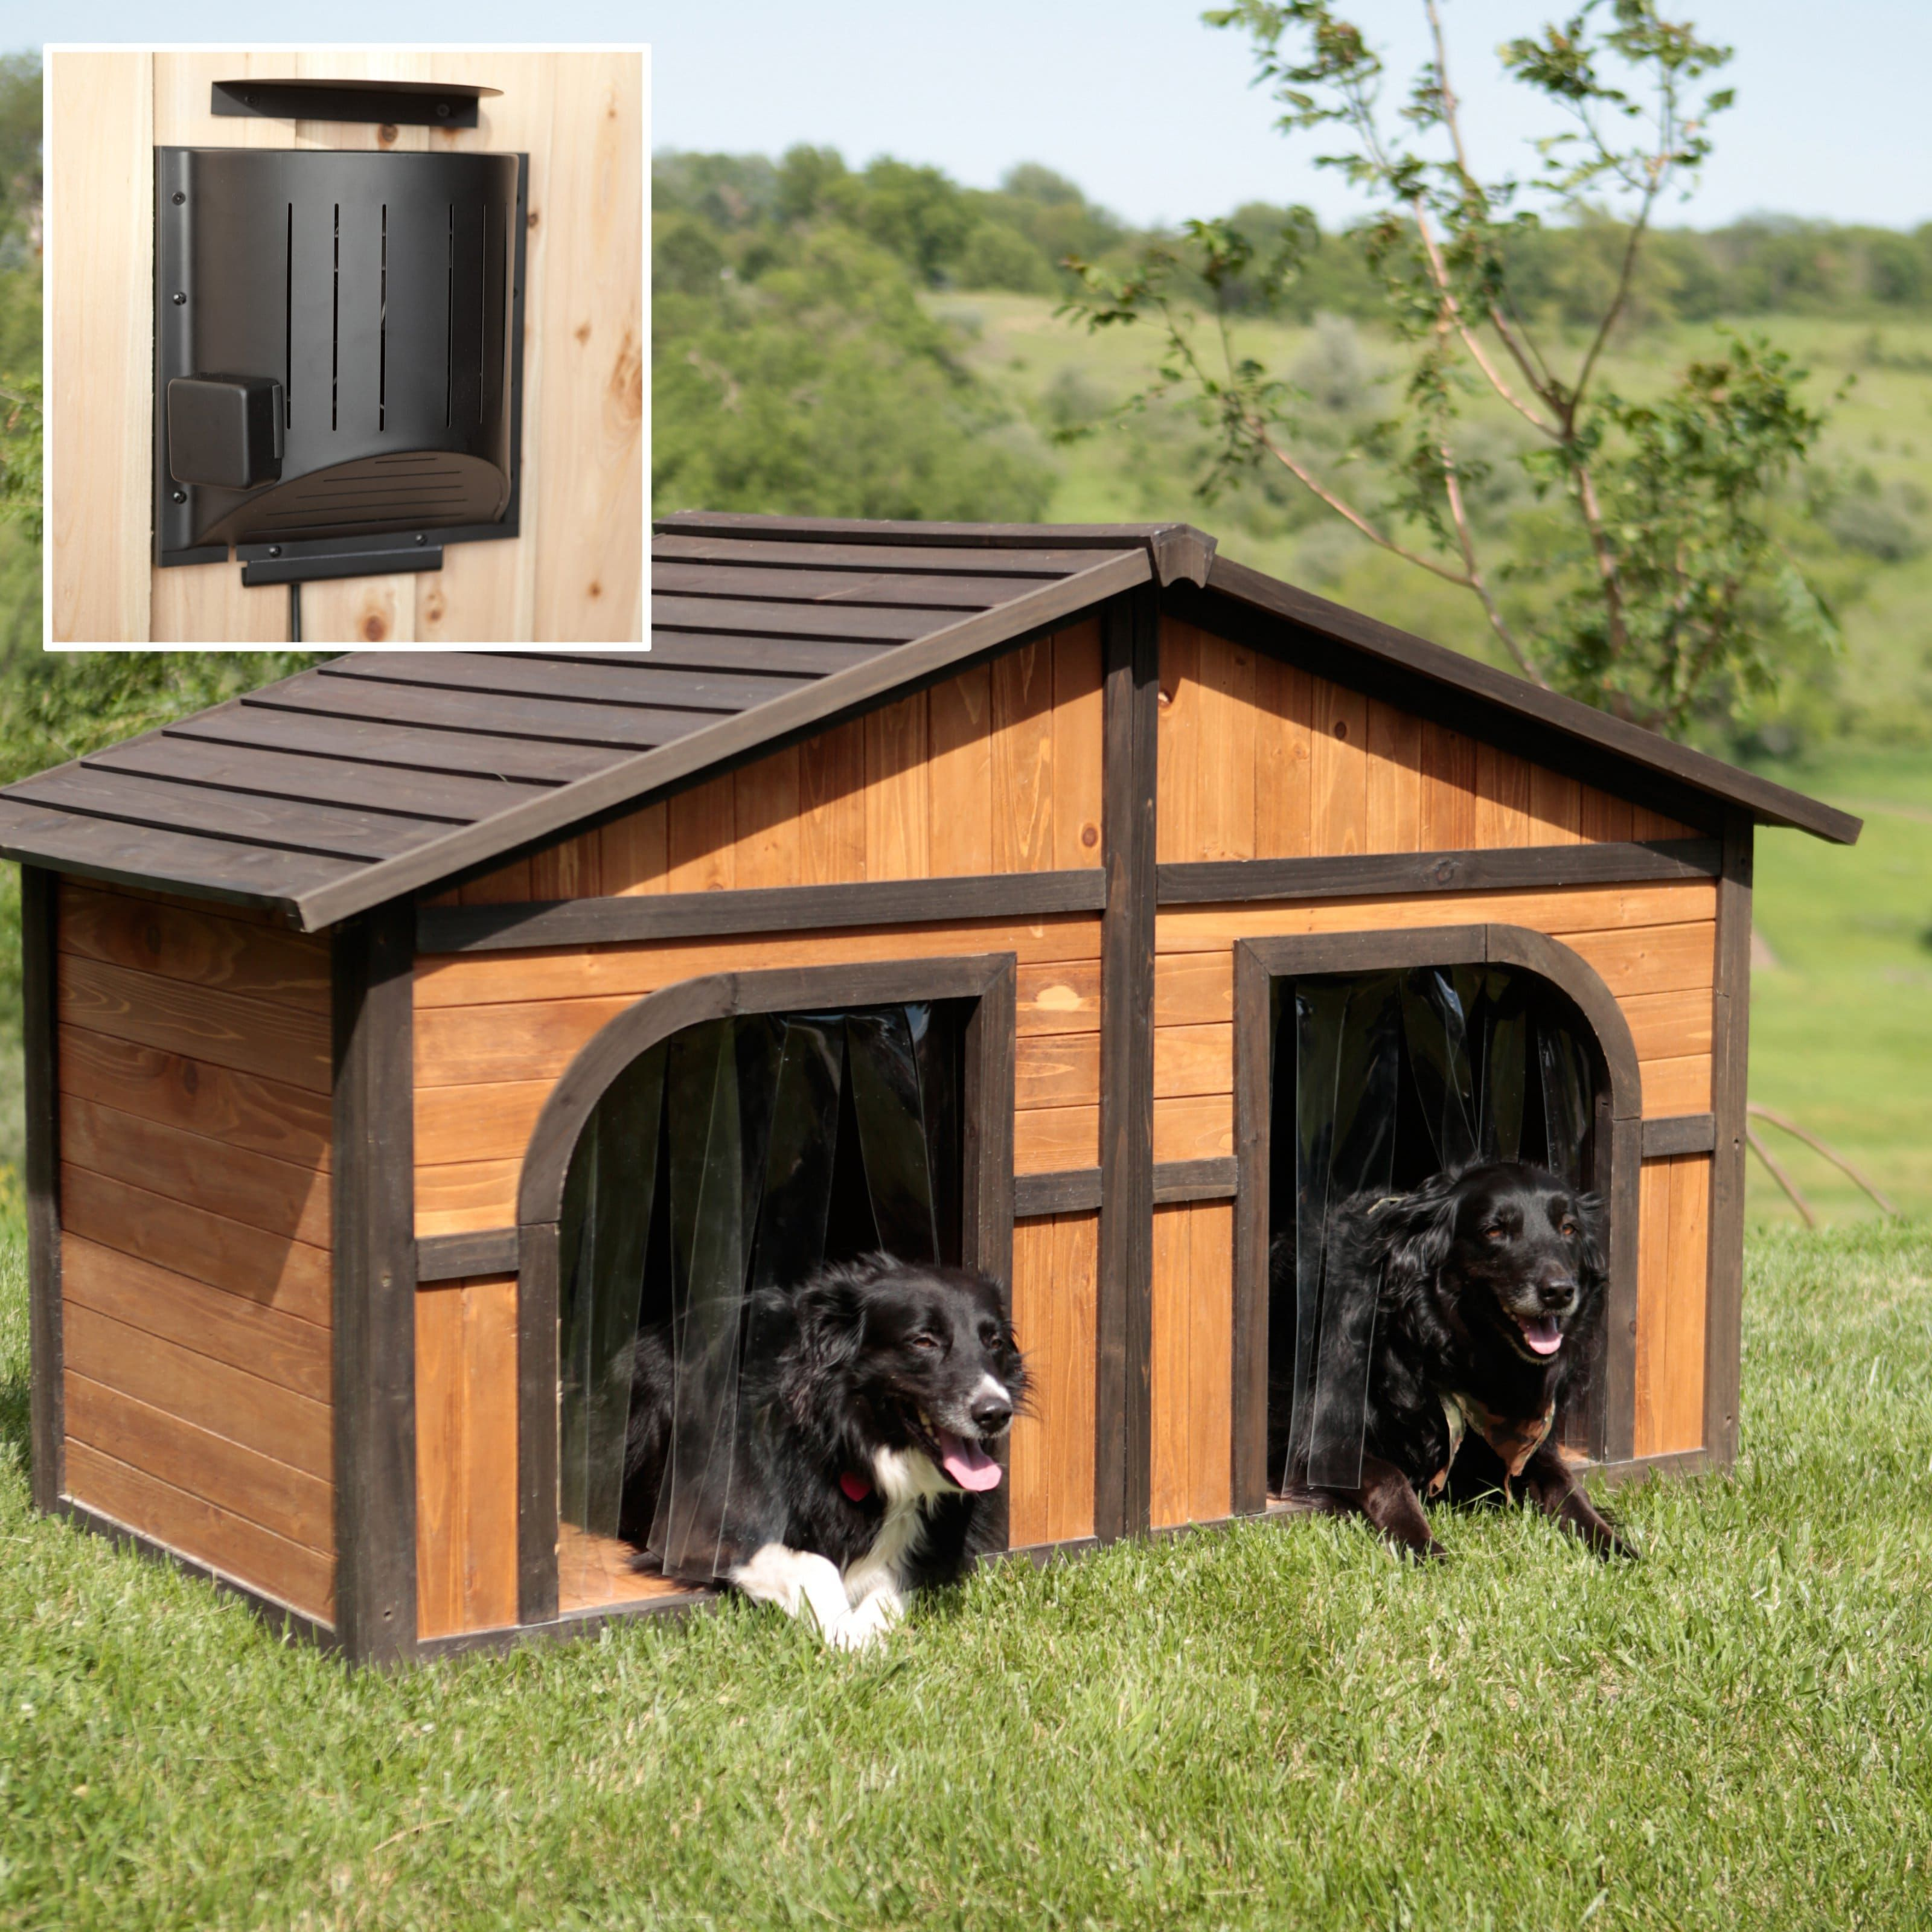 Boomer George Duplex Dog House With Options Free Doors Hayneedle Large Dog House Extra Large Dog House Dog House Heater